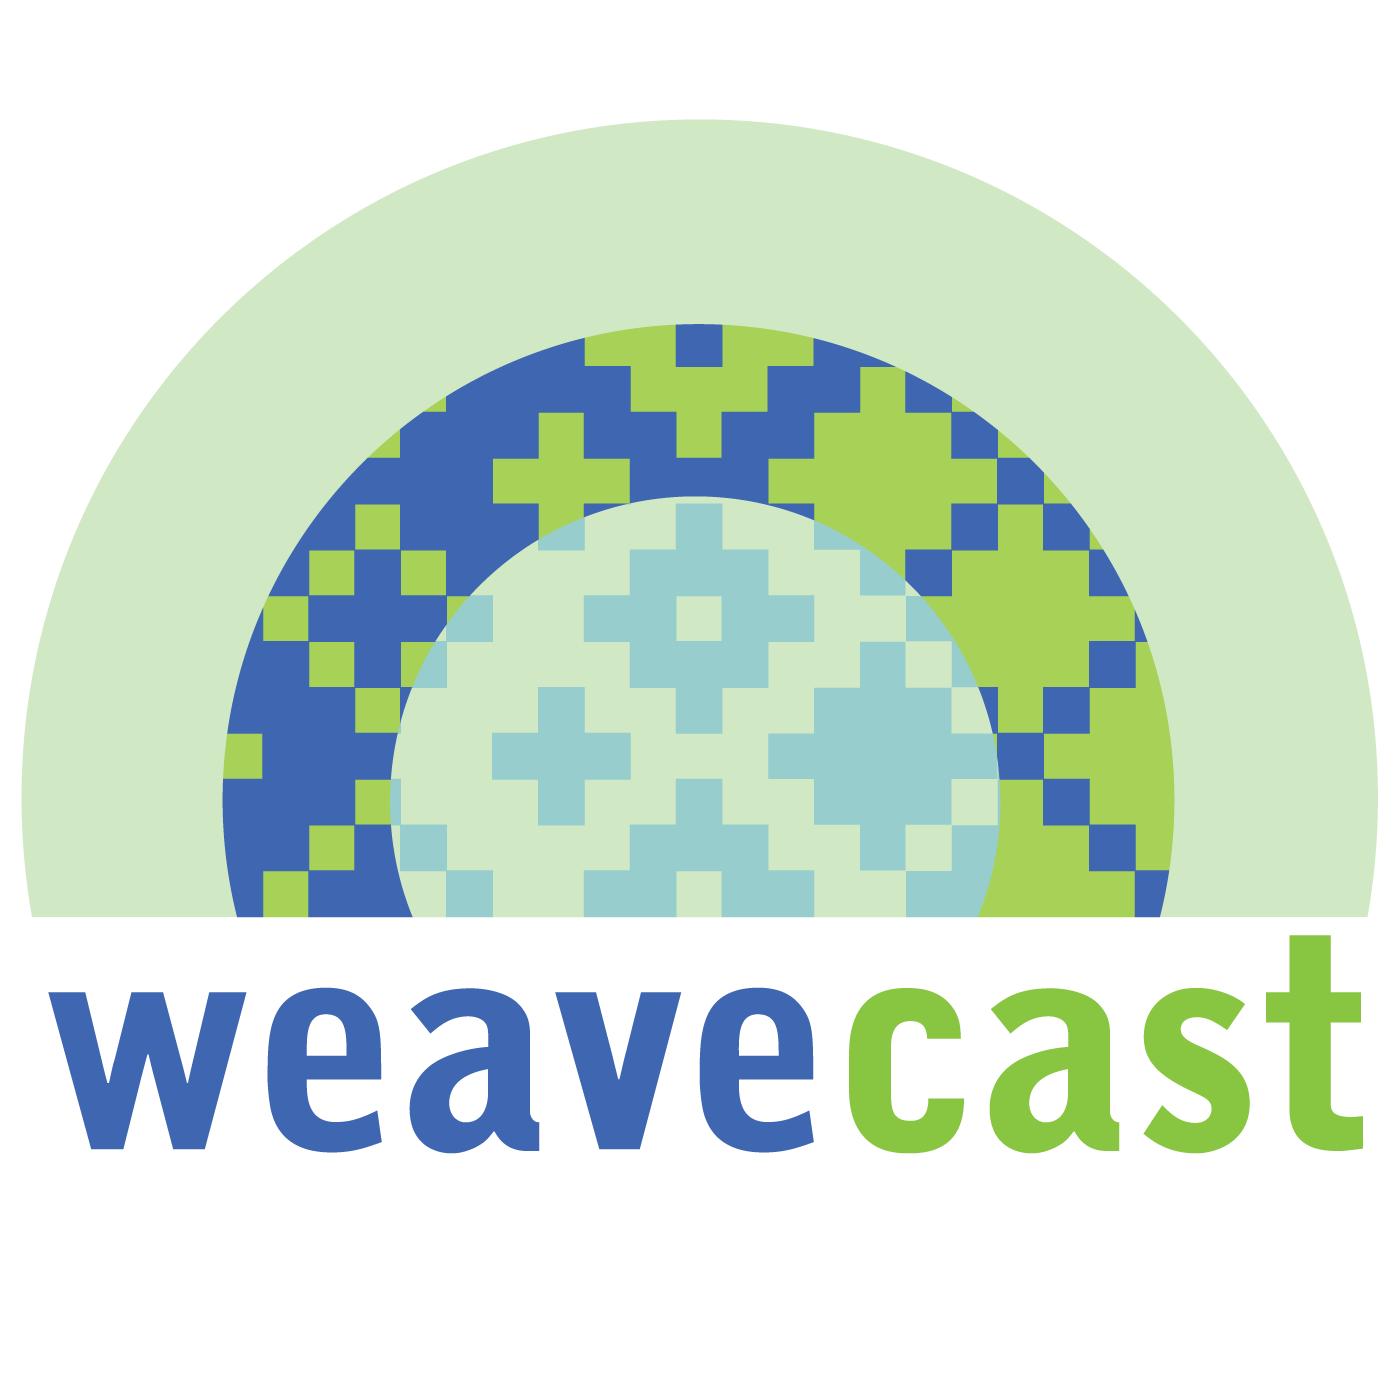 Weavecast